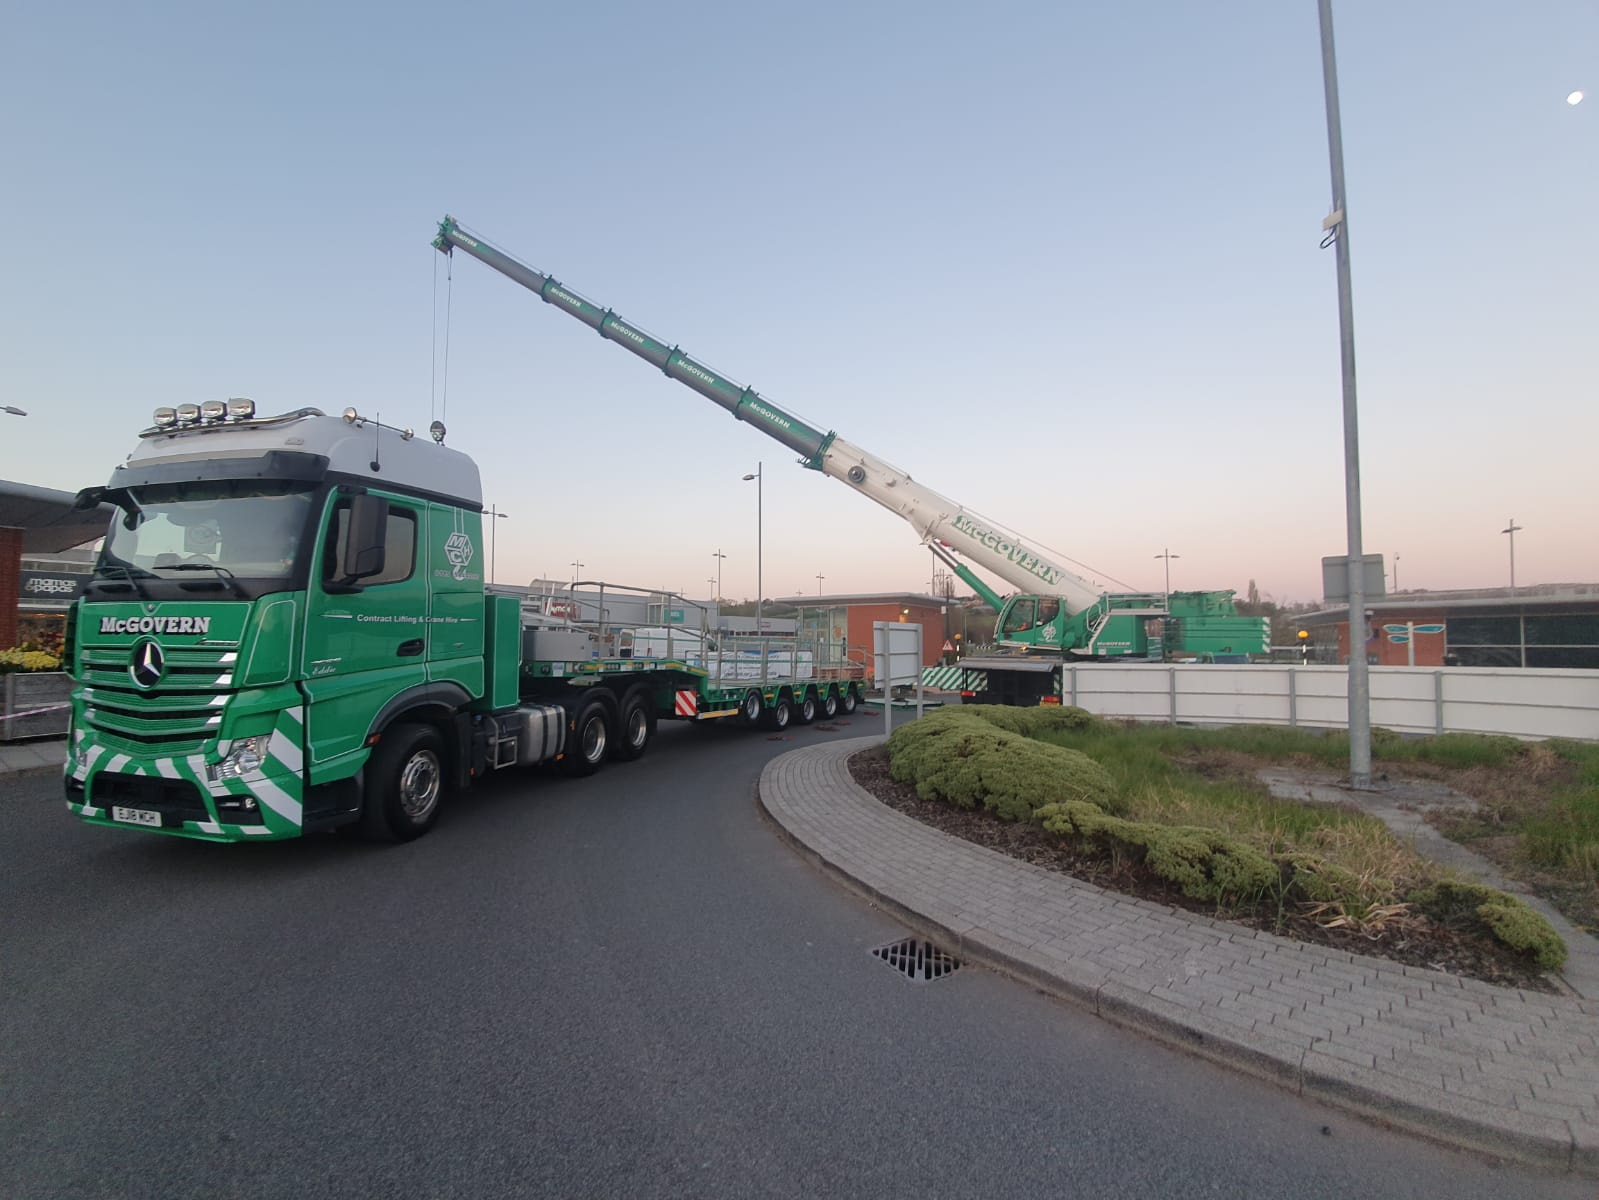 Truck in motion